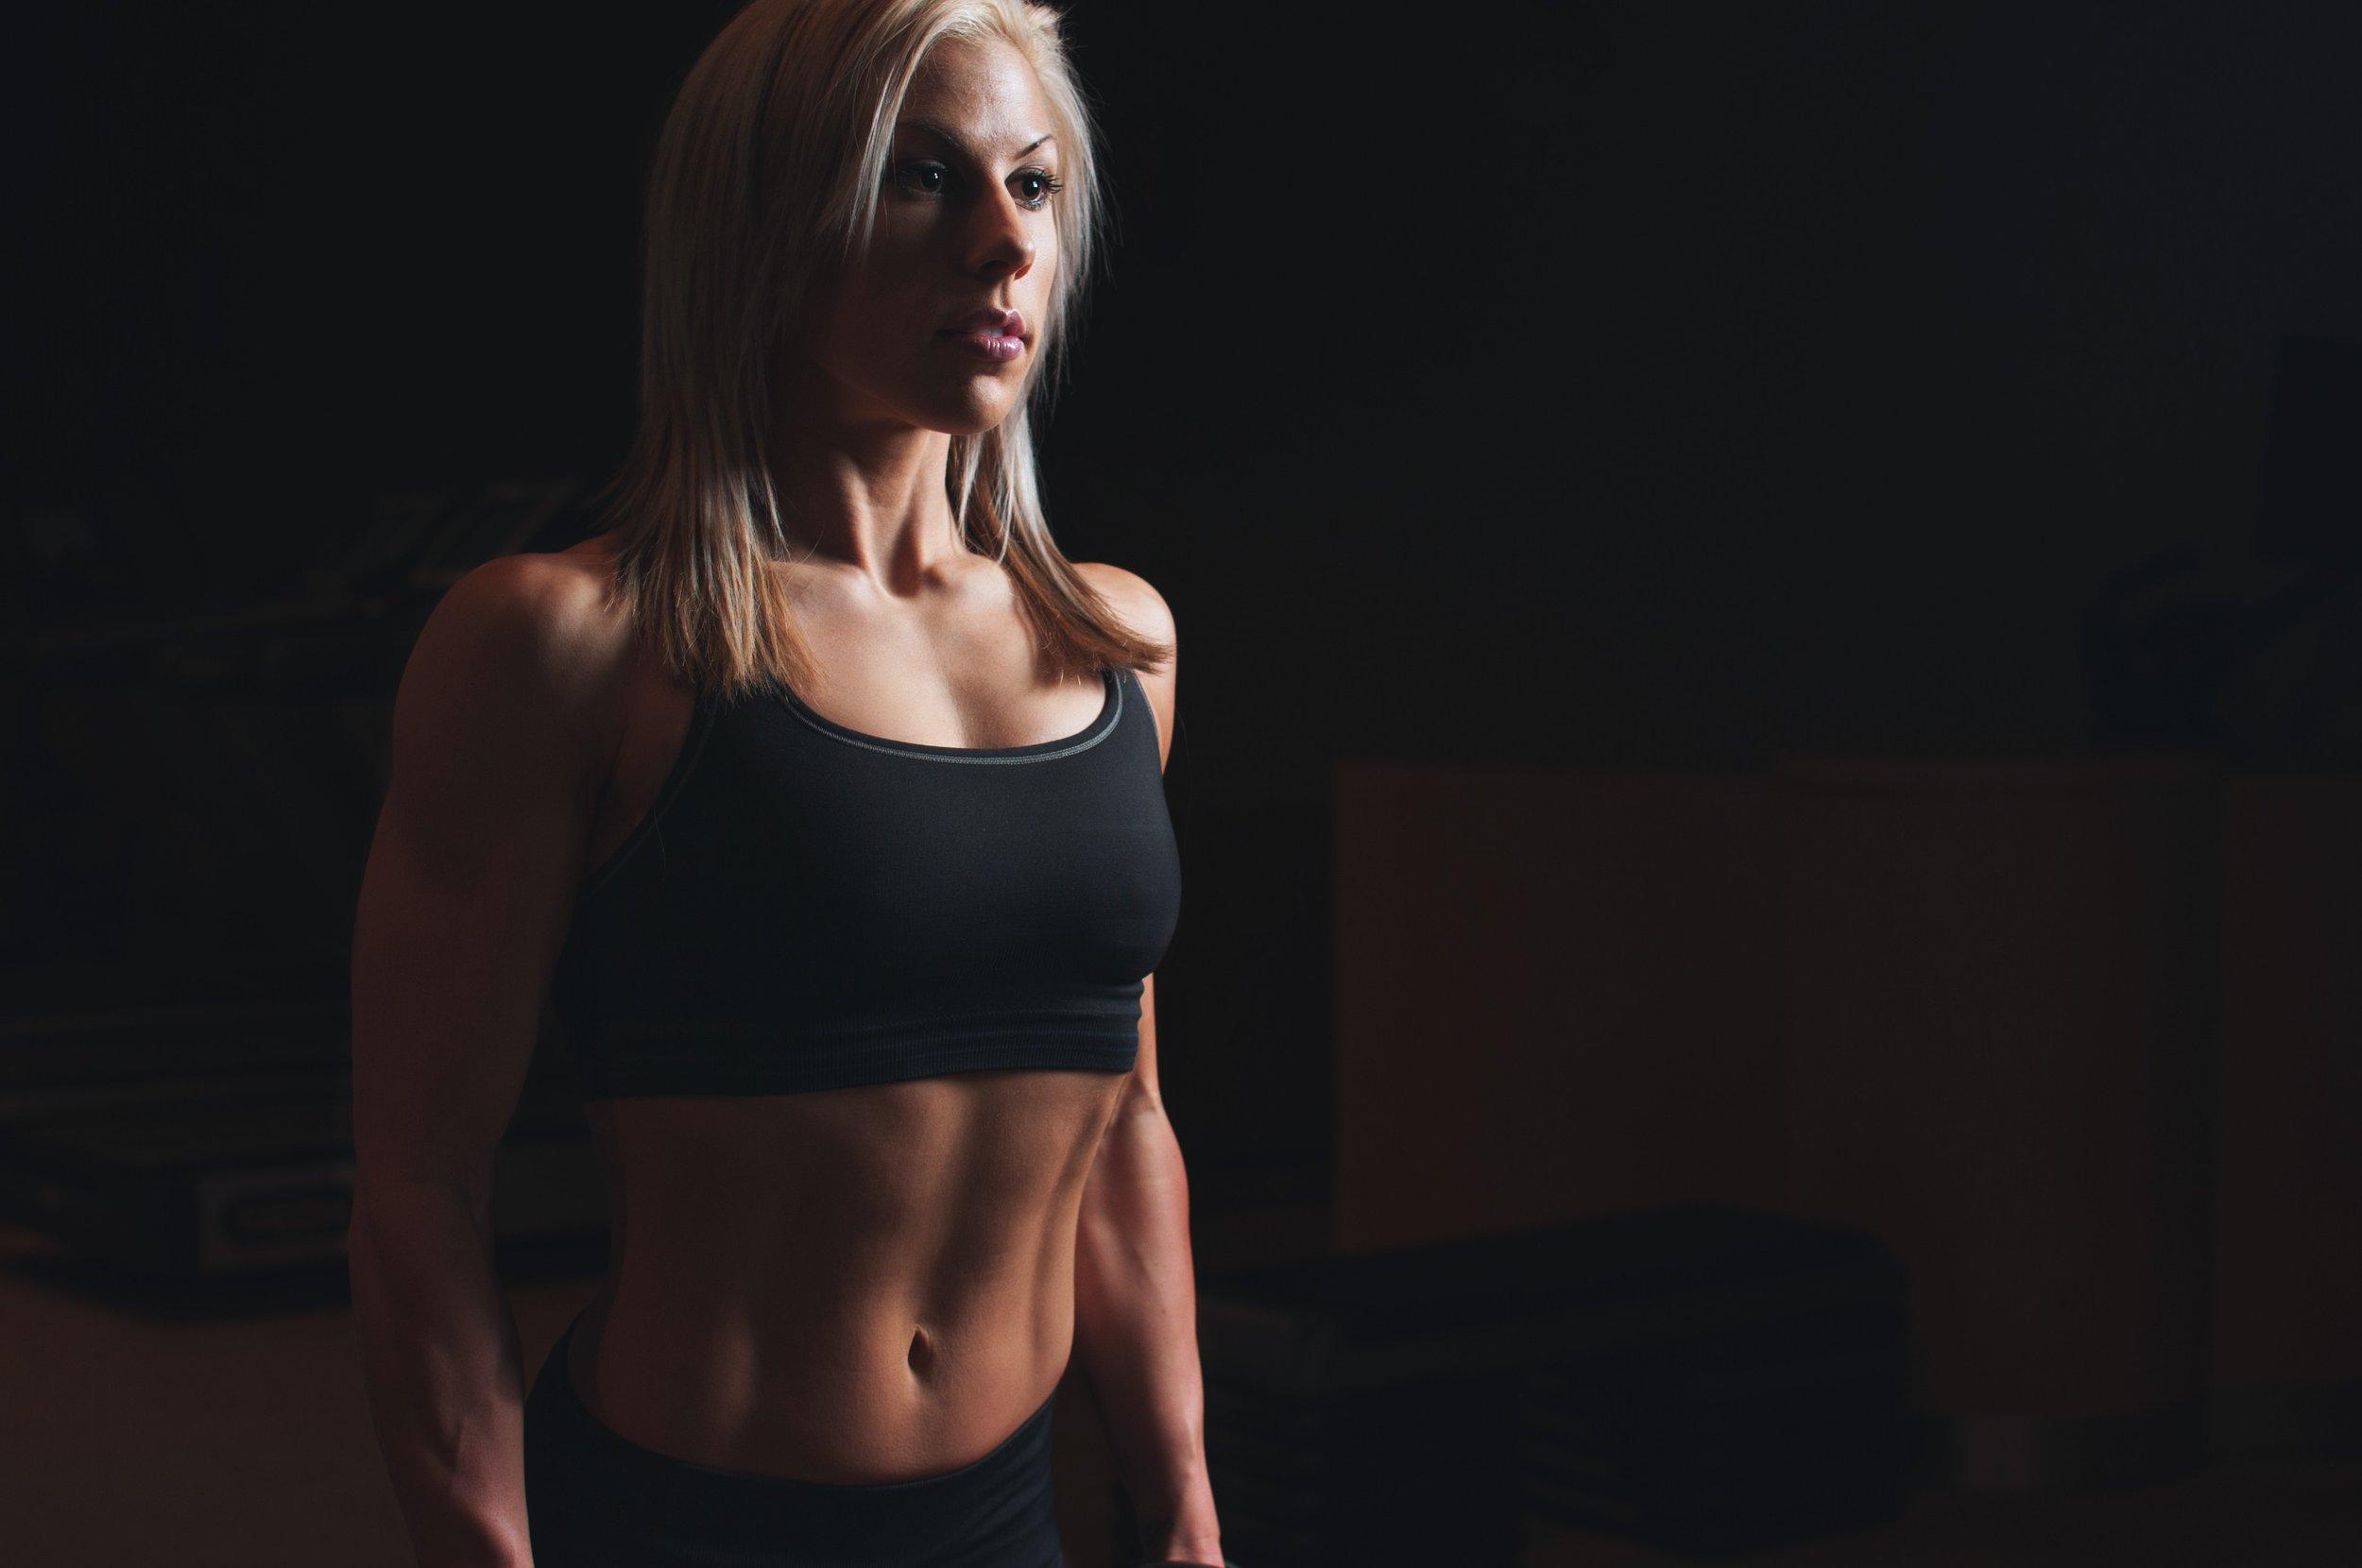 abs-athlete-biceps-136409.jpg